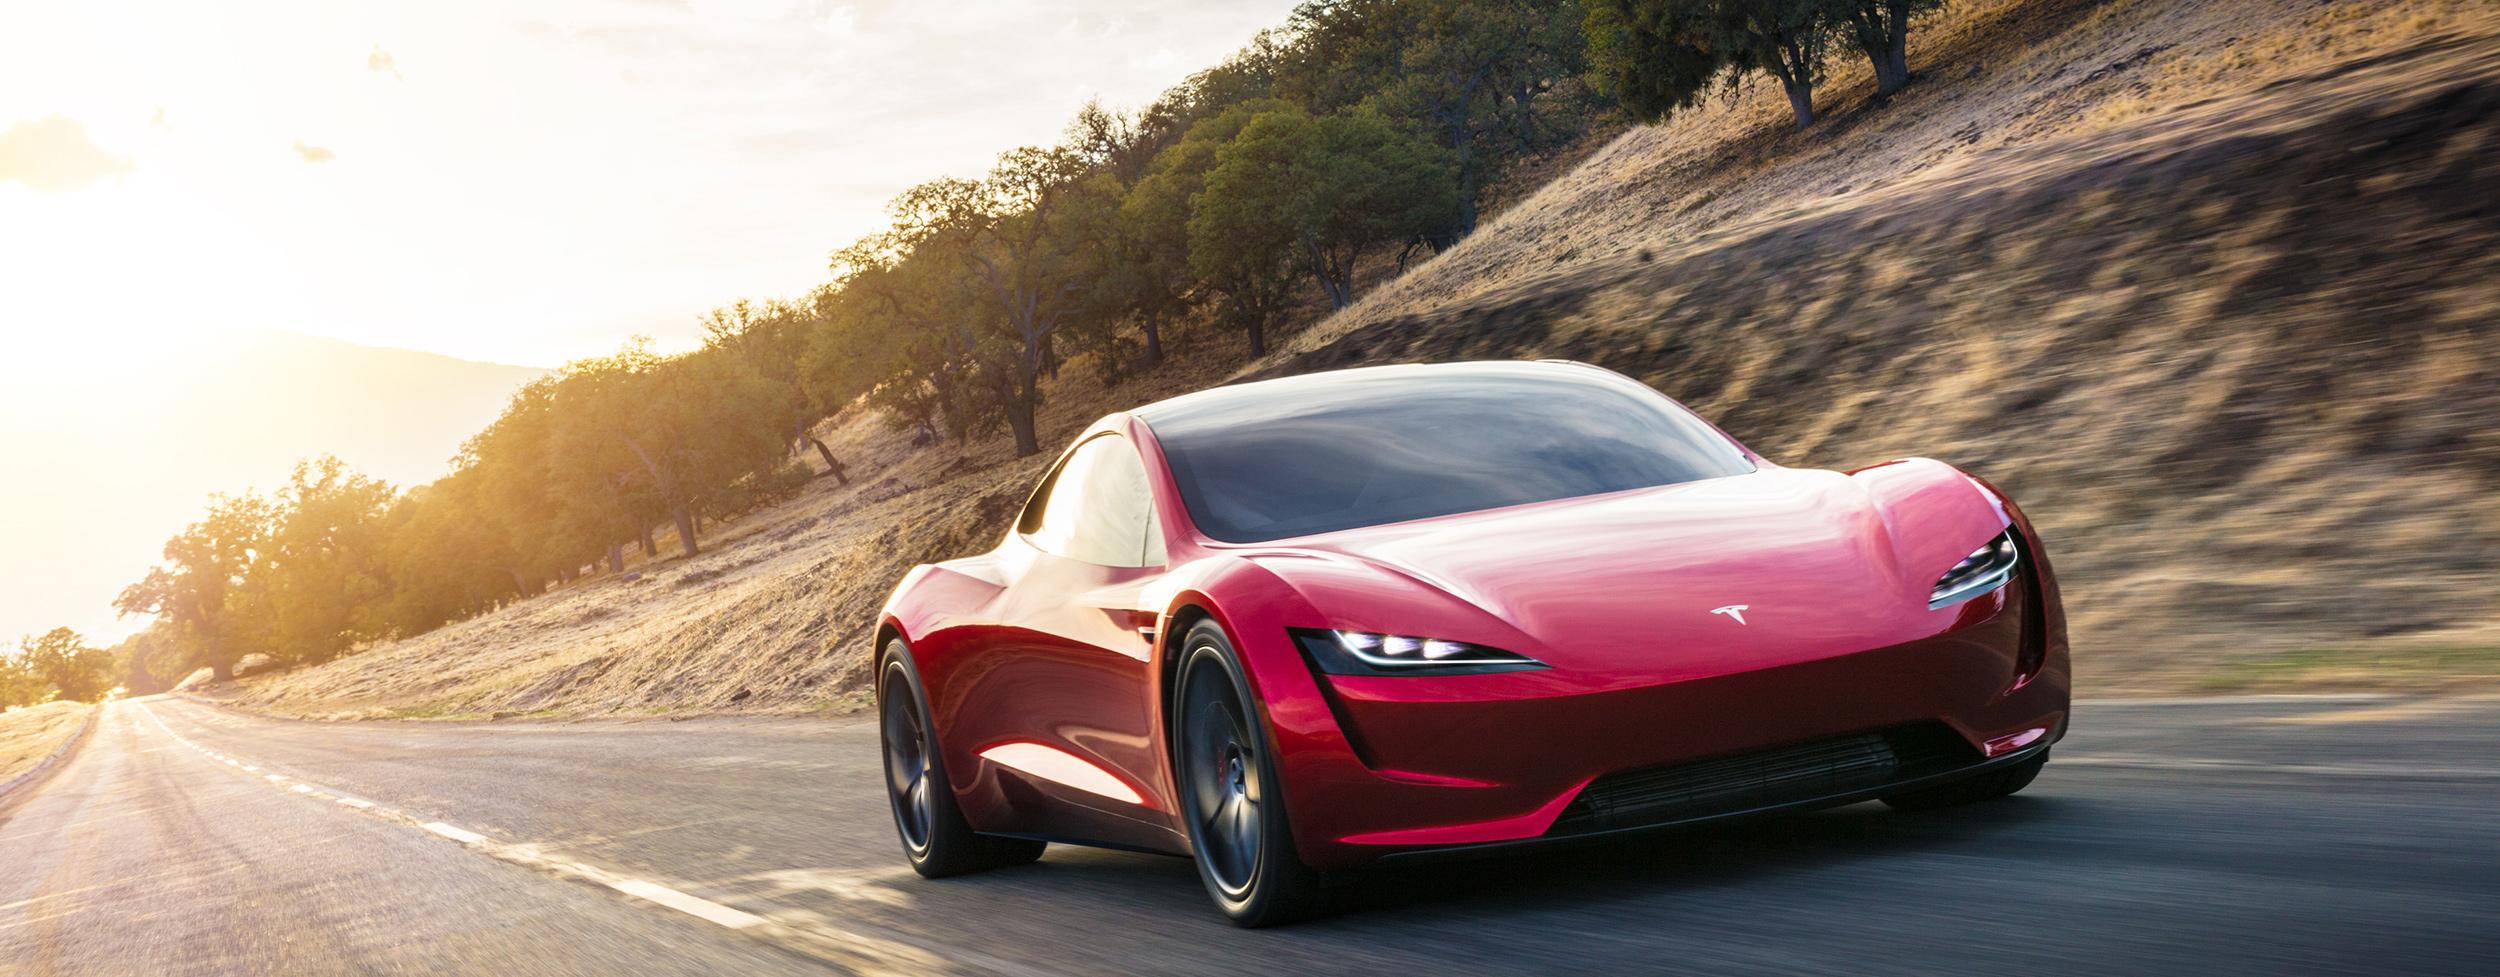 TrackWorthy - Tesla Roadster (1)